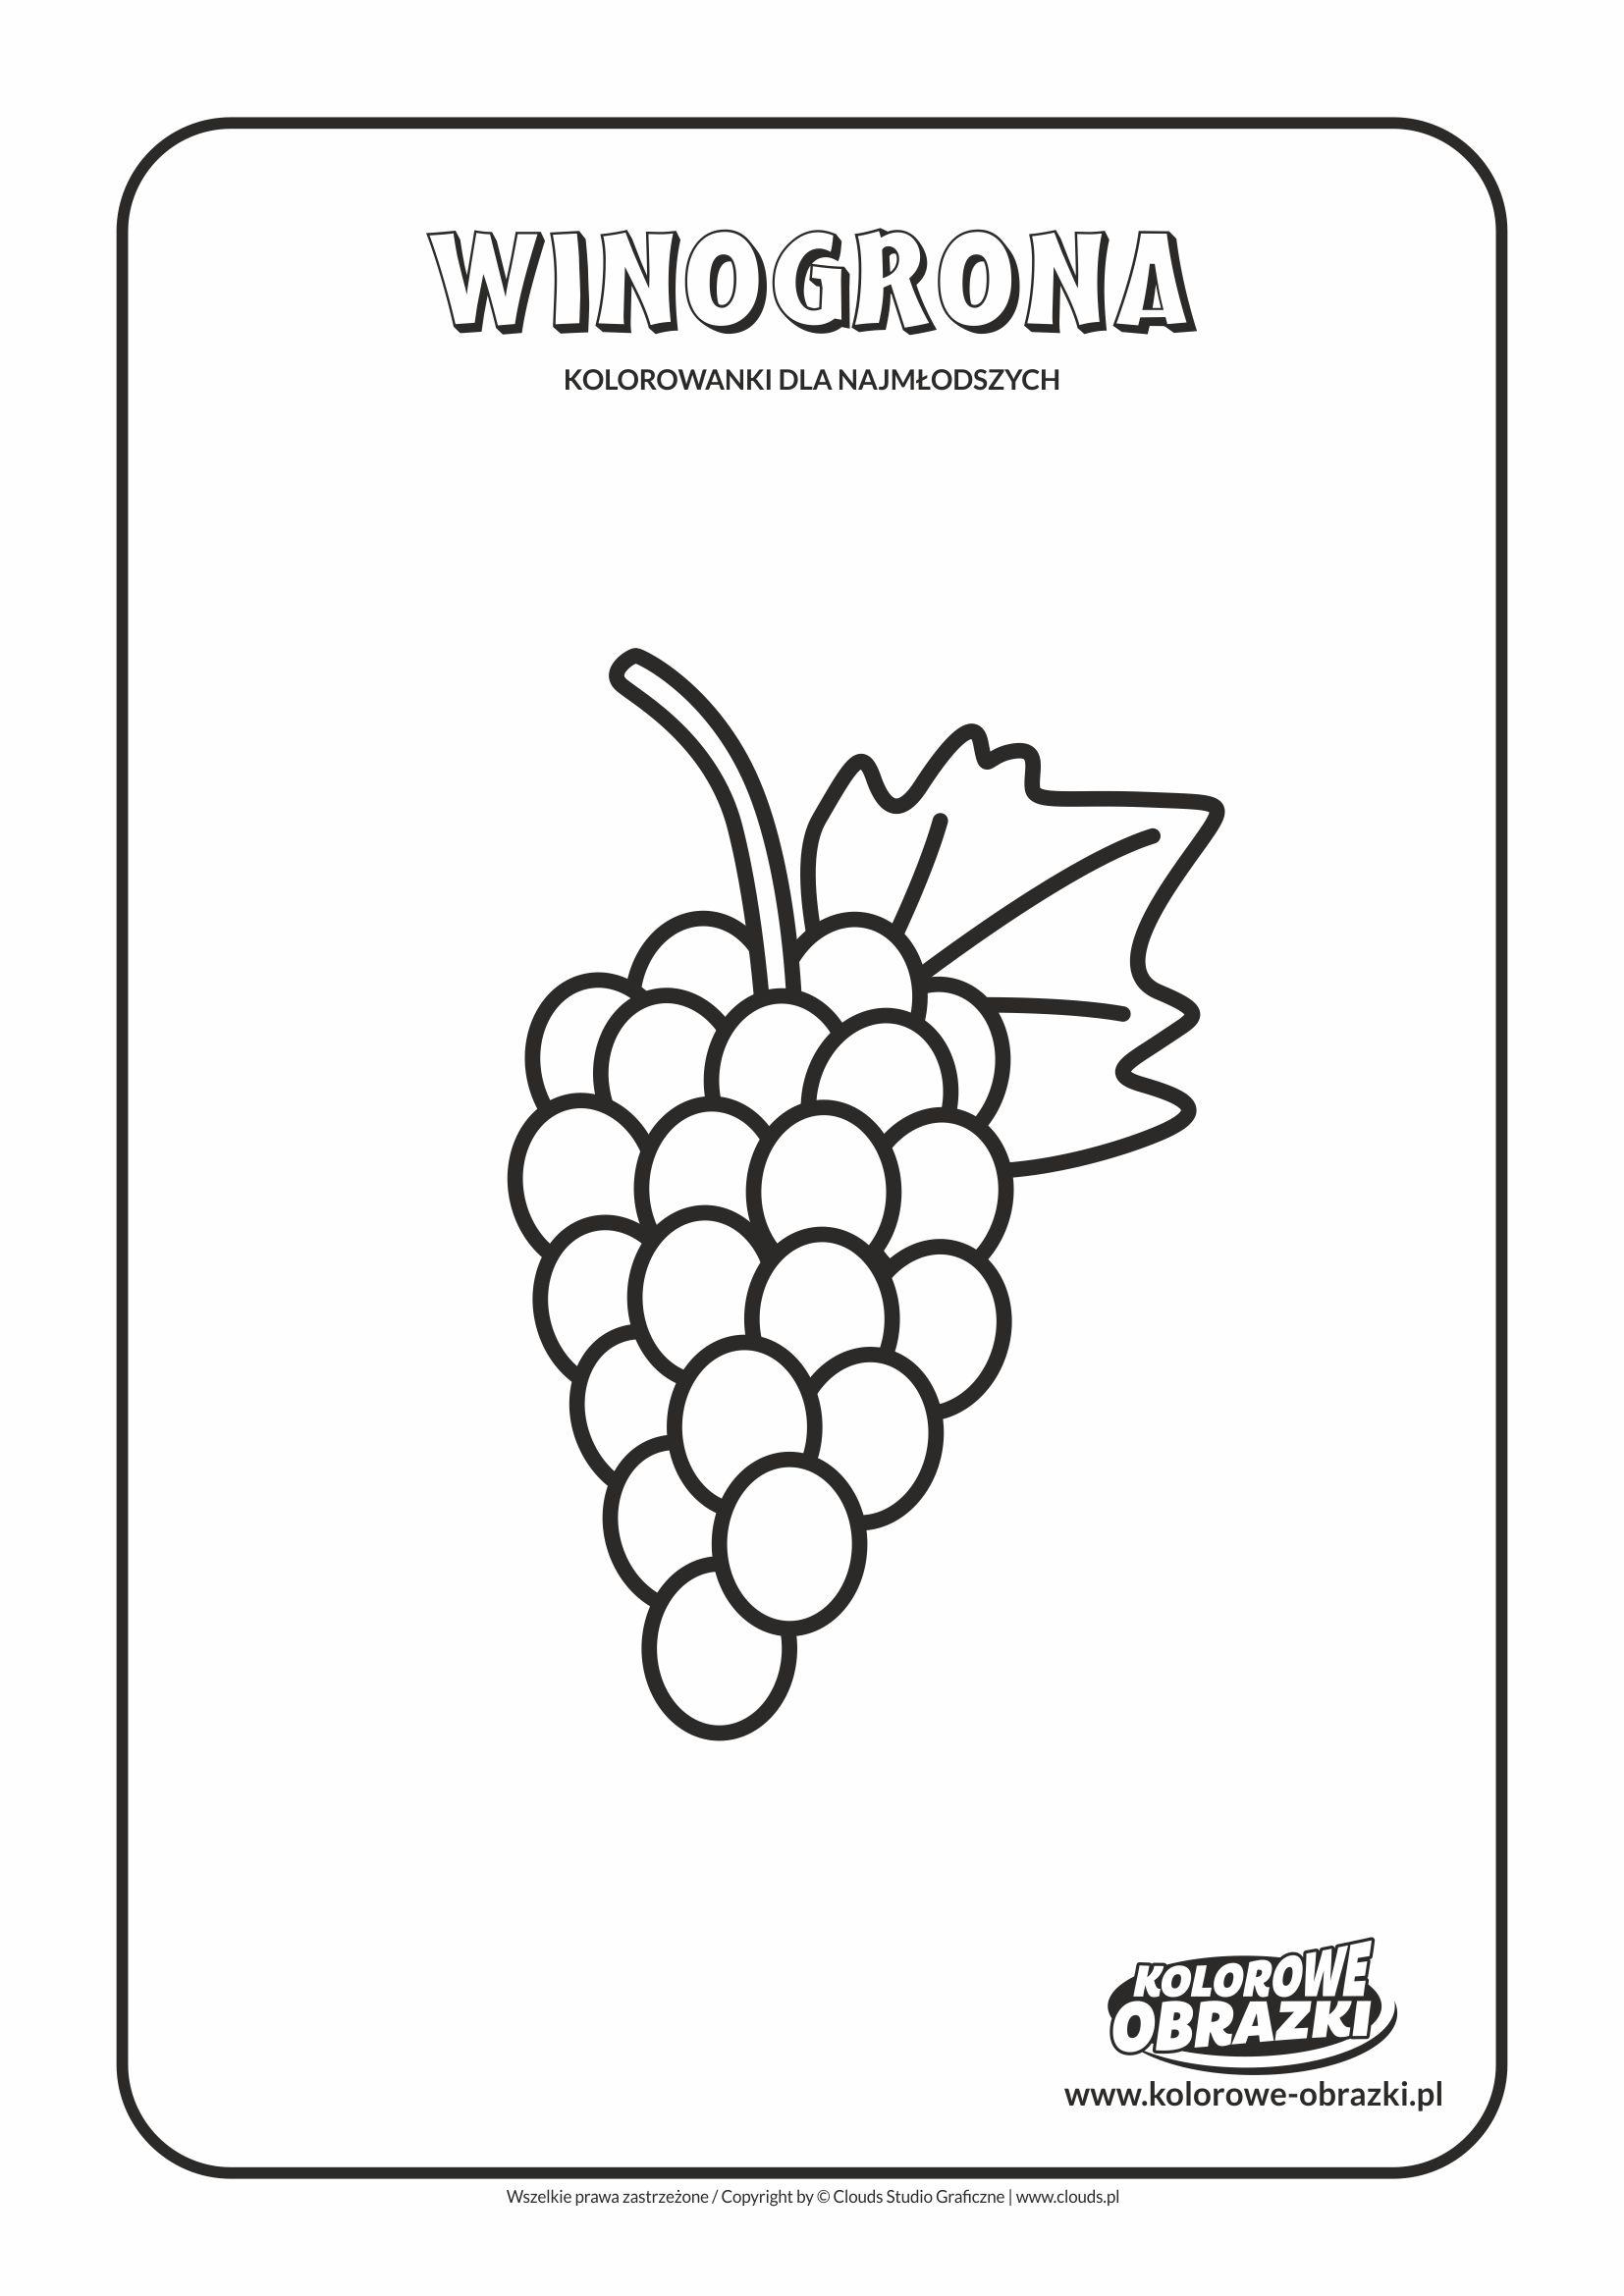 Proste kolorowanki dla najmłodszych - Owoce / Winogrona. Kolorowanka z winogronami